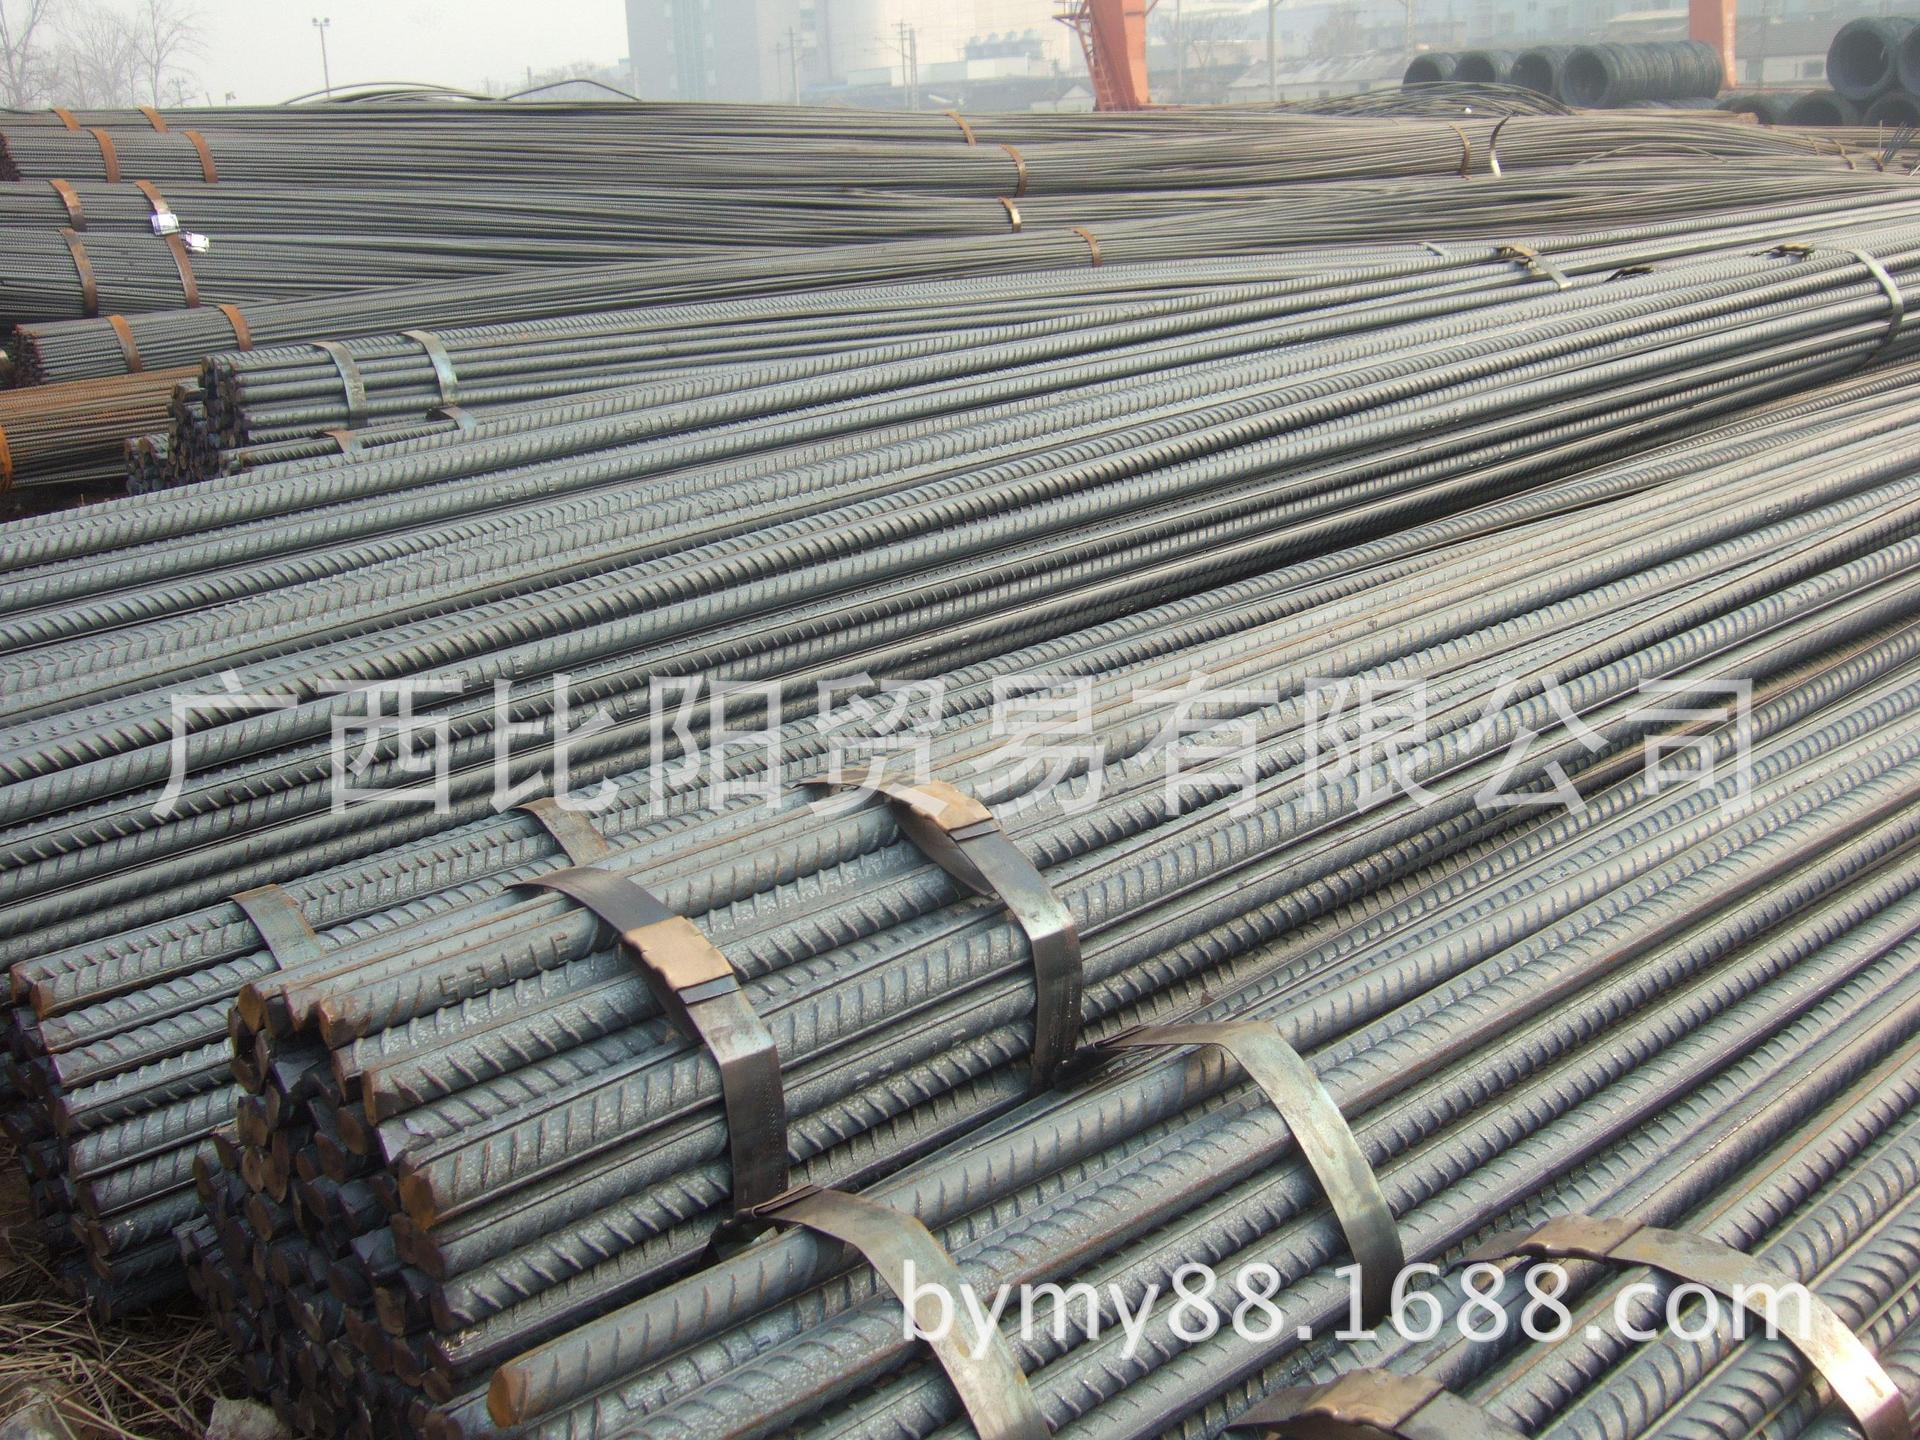 钢材特价处理 广西16号三级螺纹钢特价处理 三级螺纹钢